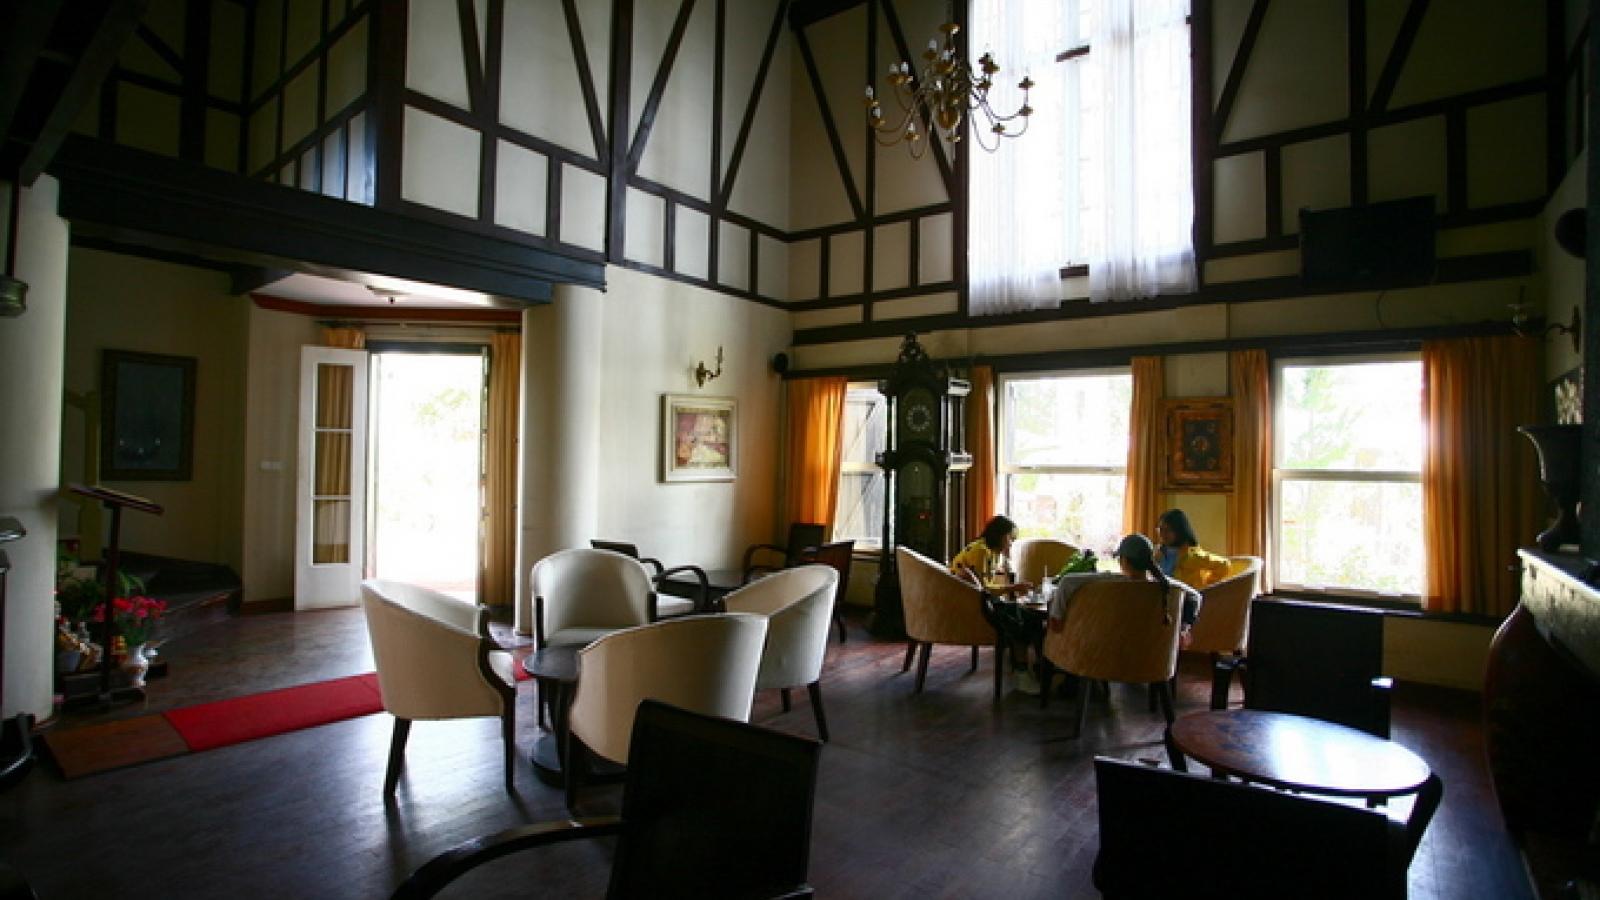 Coffee shop villa in Da Lat attracts visitors